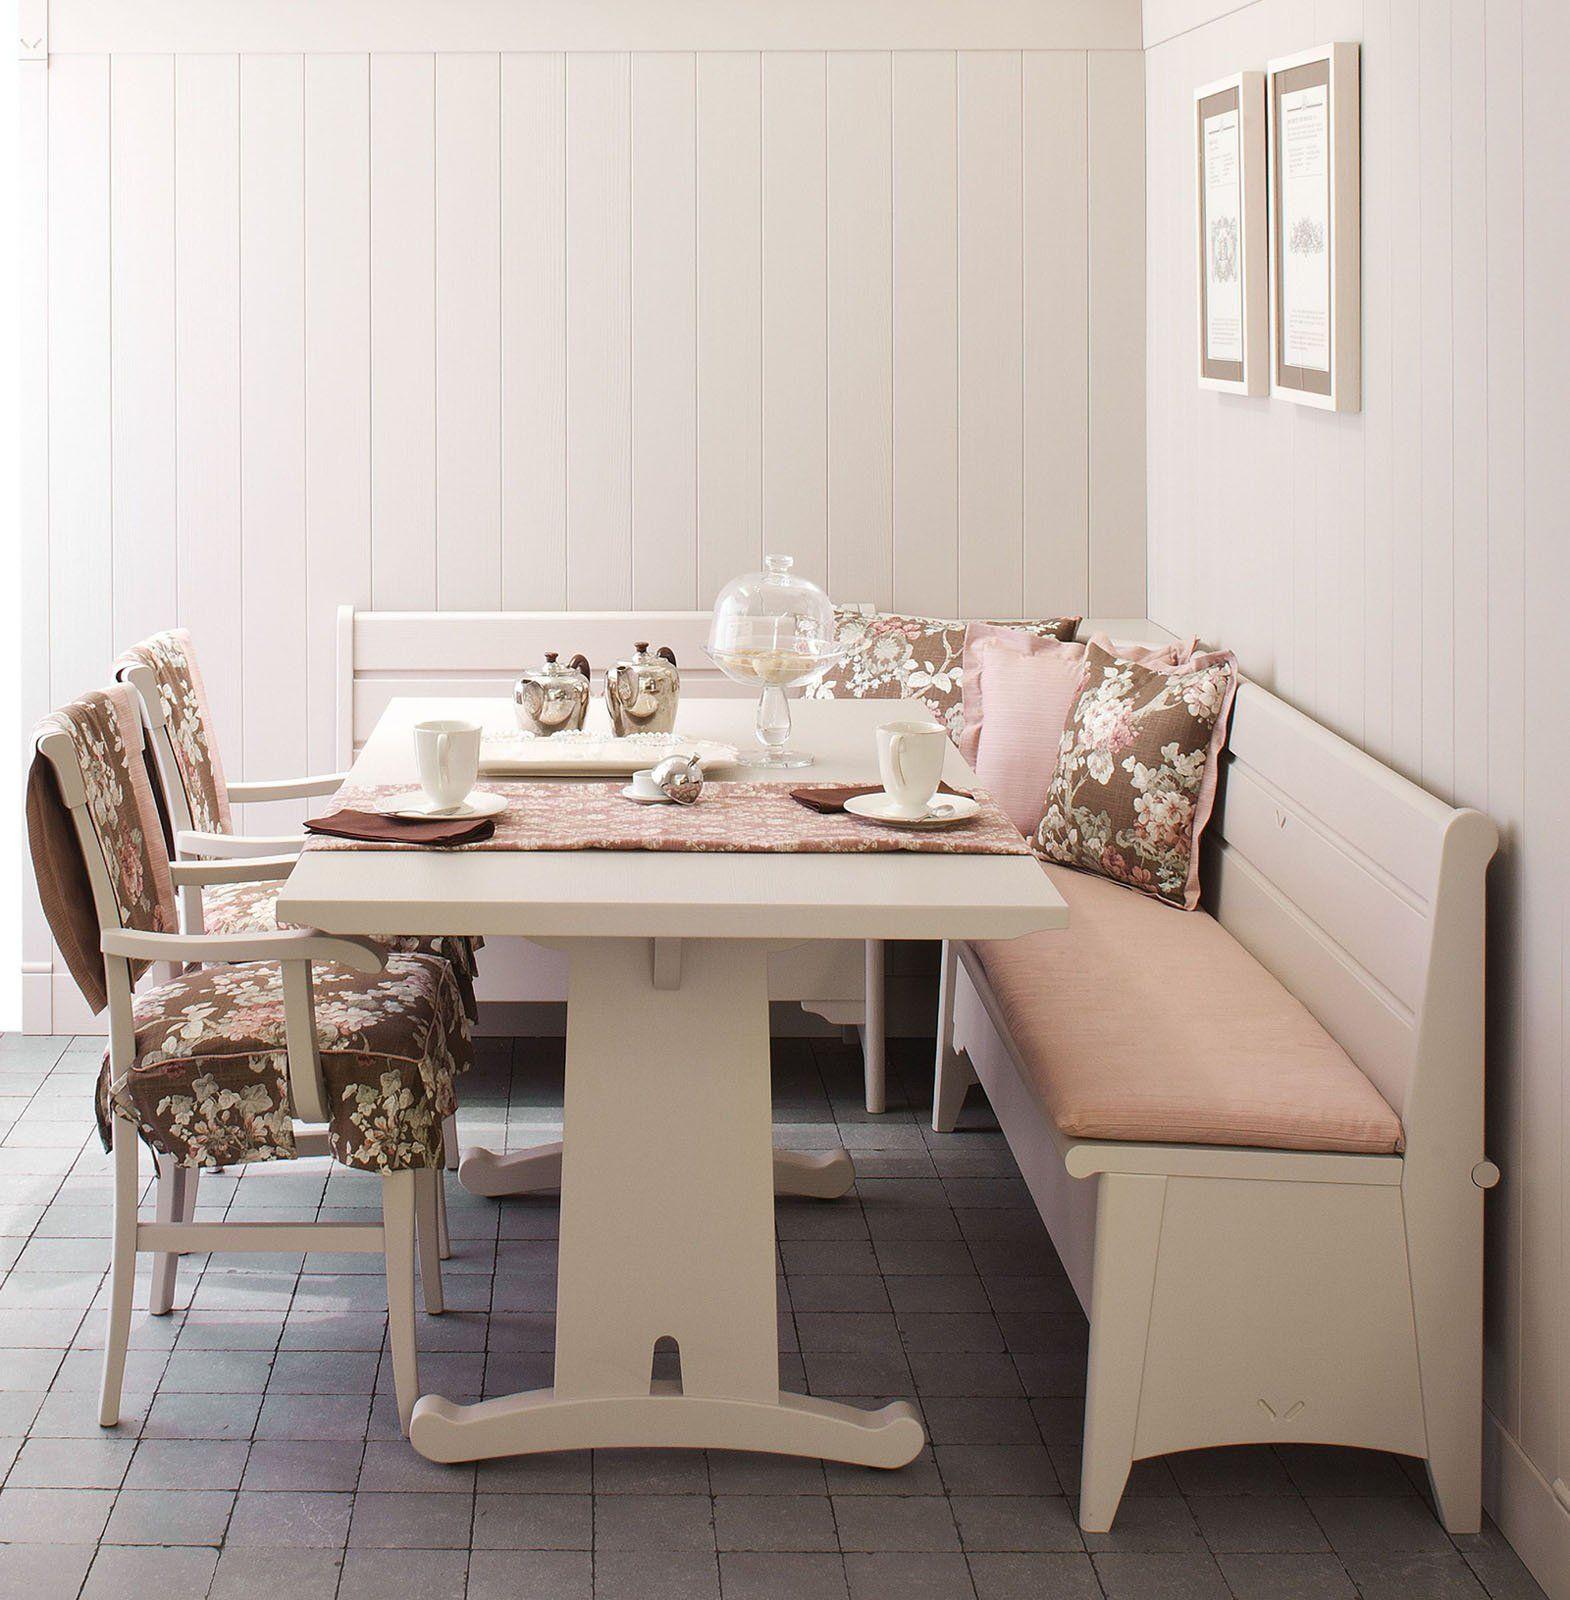 Tavoli e sedie per cucina o soggiorno cose di casa for Cerco panche ...